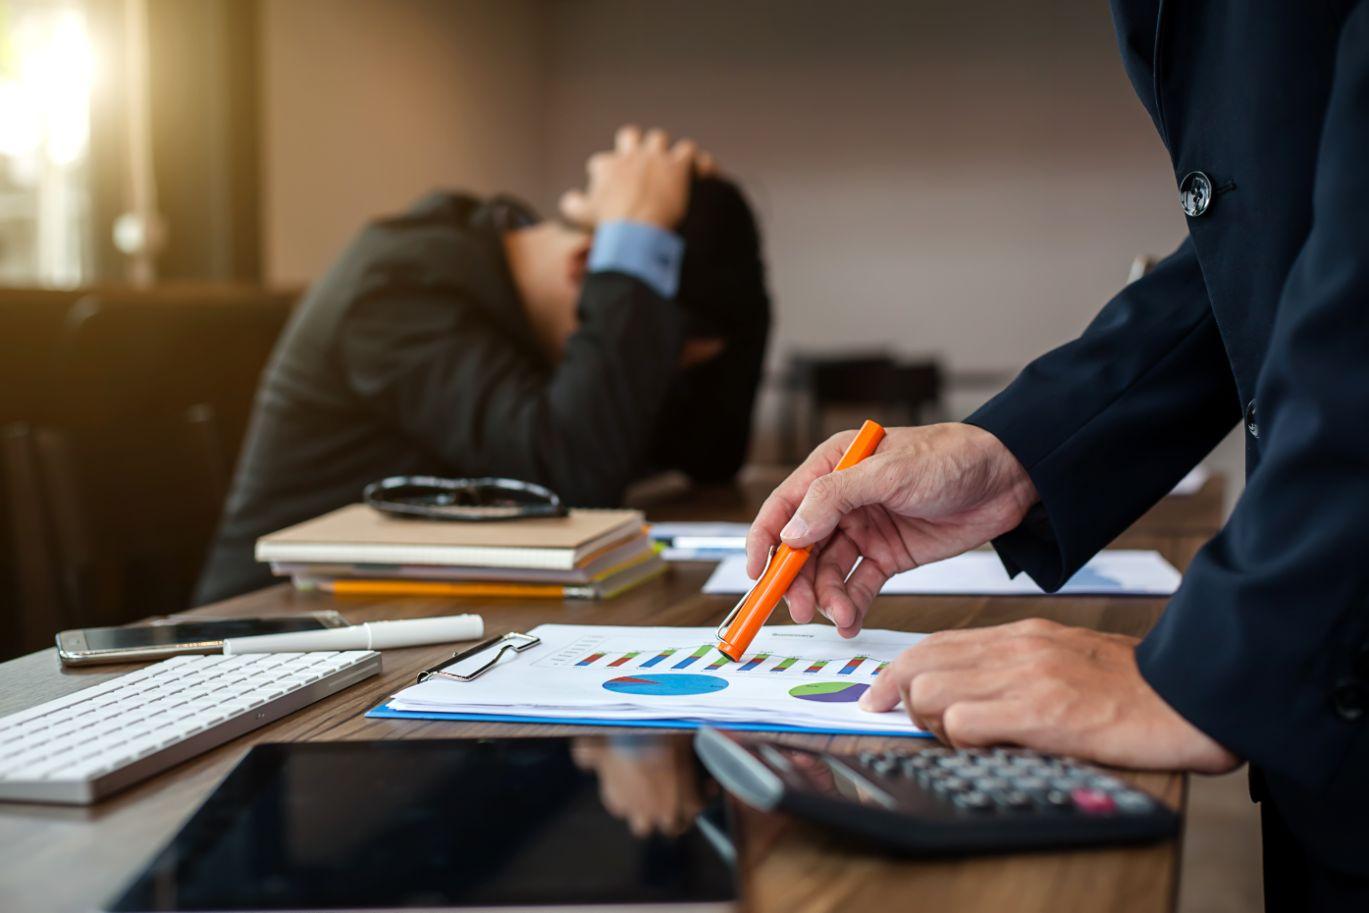 退職金にかかる税金は所得税?|計算方法と納税方法を徹底解説